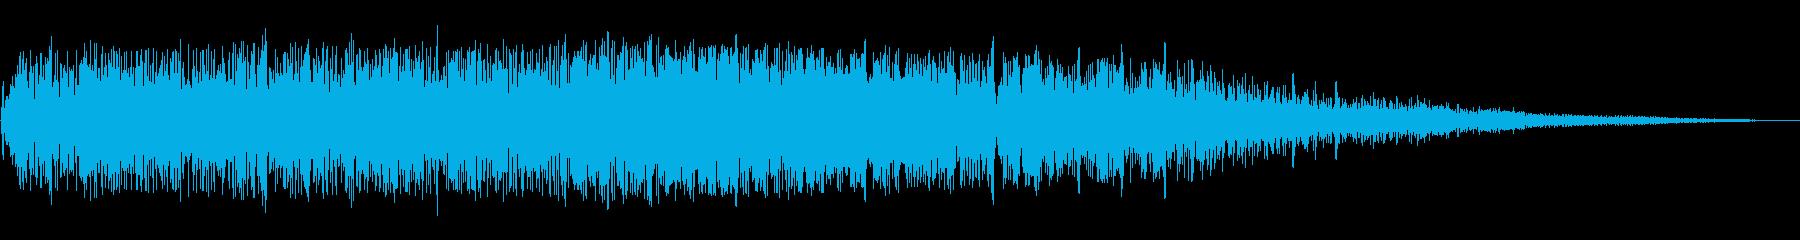 シュワーン(複数音)の再生済みの波形